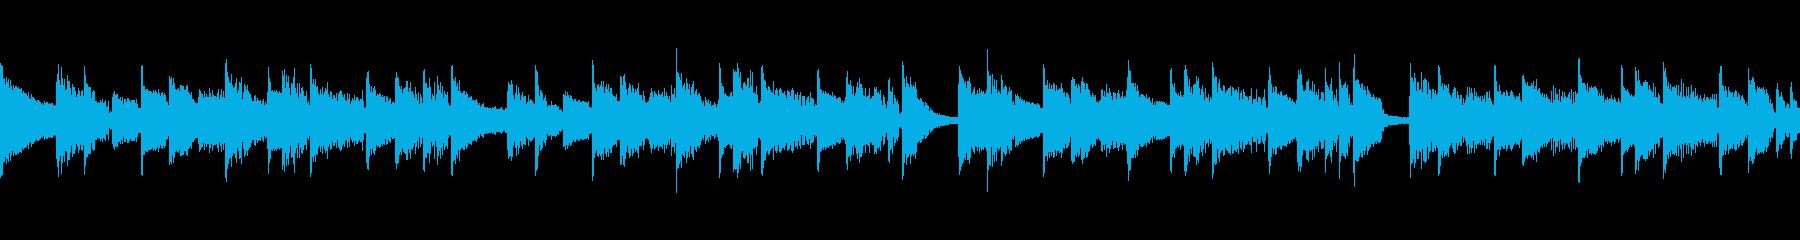 ループできるほのぼの日常系BGMの再生済みの波形